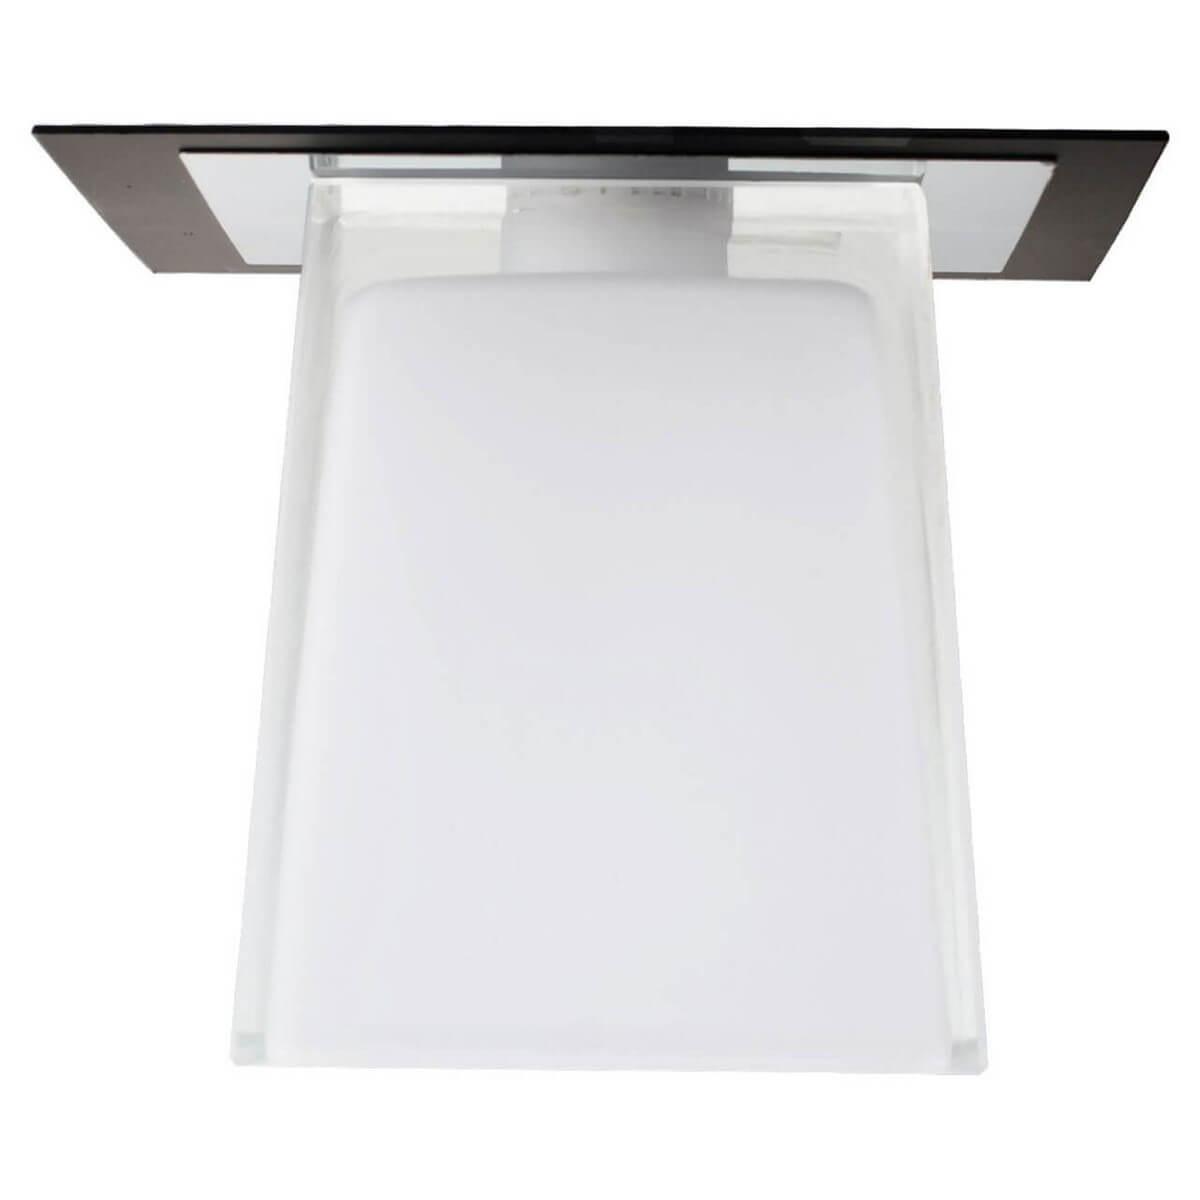 Потолочный светильник Lussole GRLSC-2500-01, E14, 6 Вт